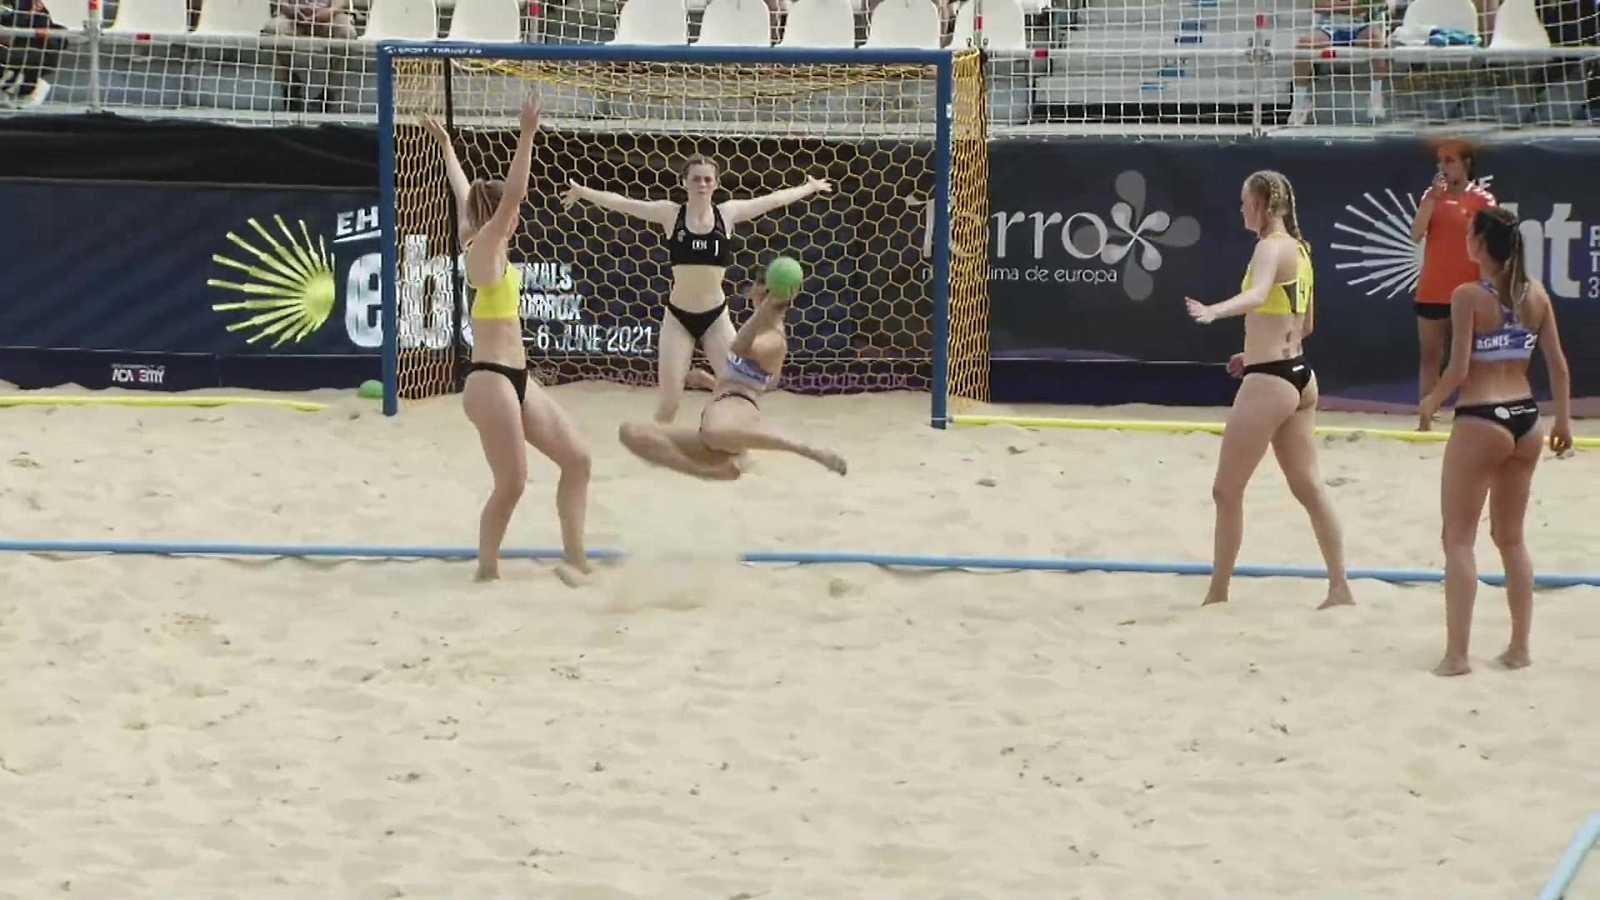 Balonmano playa - Campeonato de Europa de clubes. Resumen - ver ahora